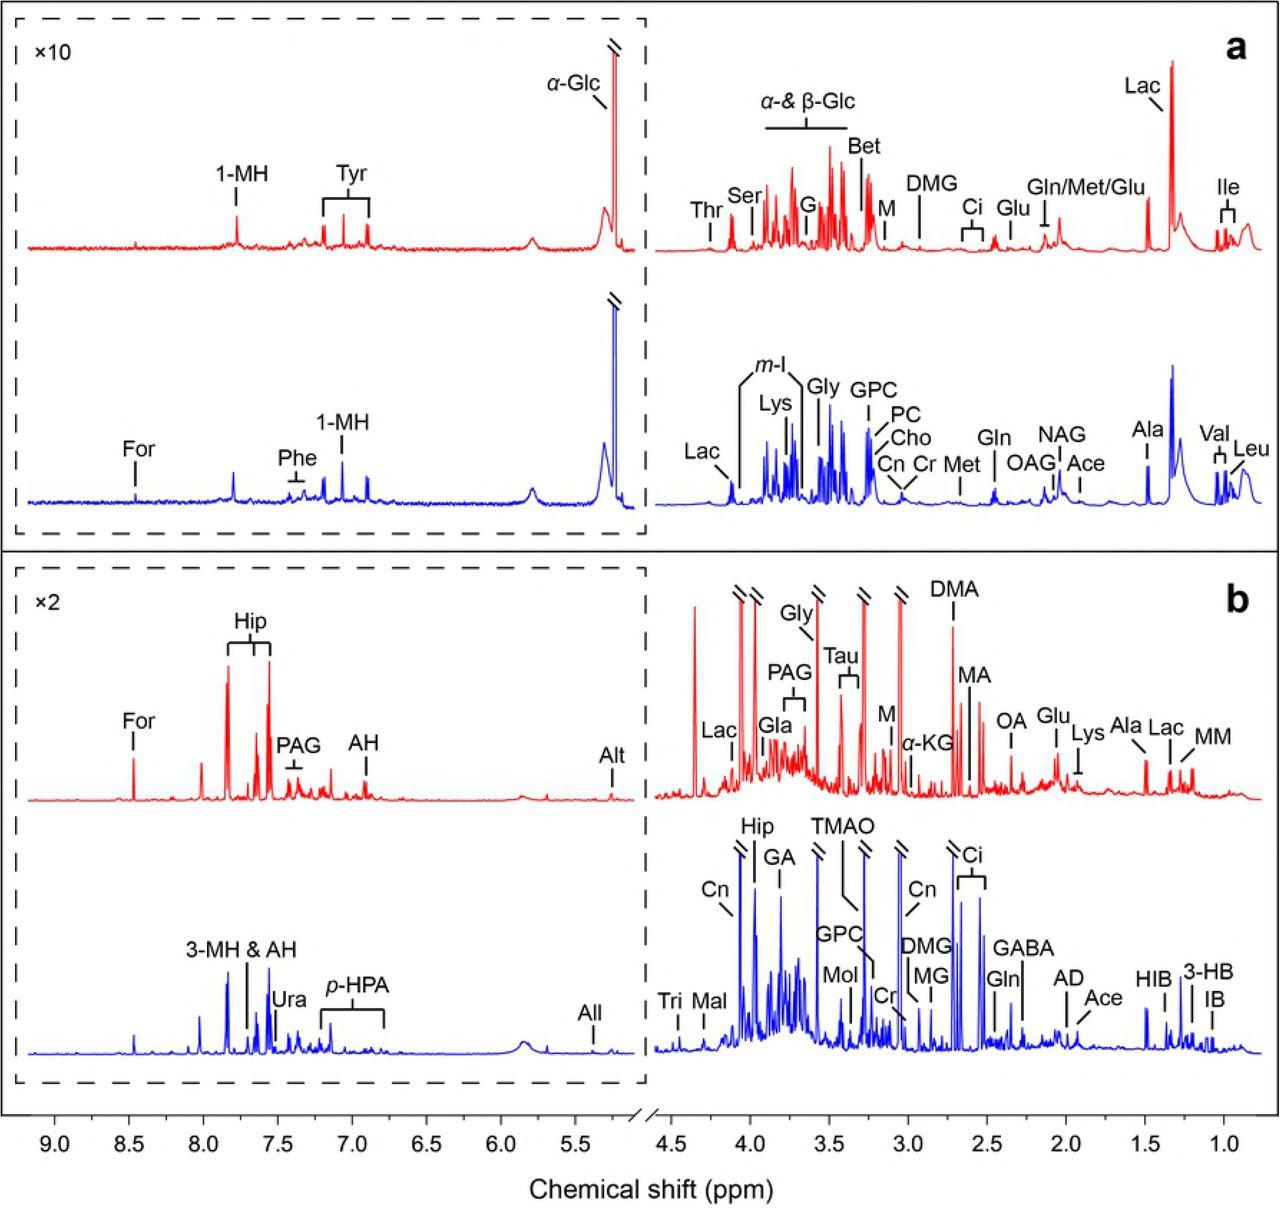 Deciphering the metabolic perturbation in hepatic alveolar